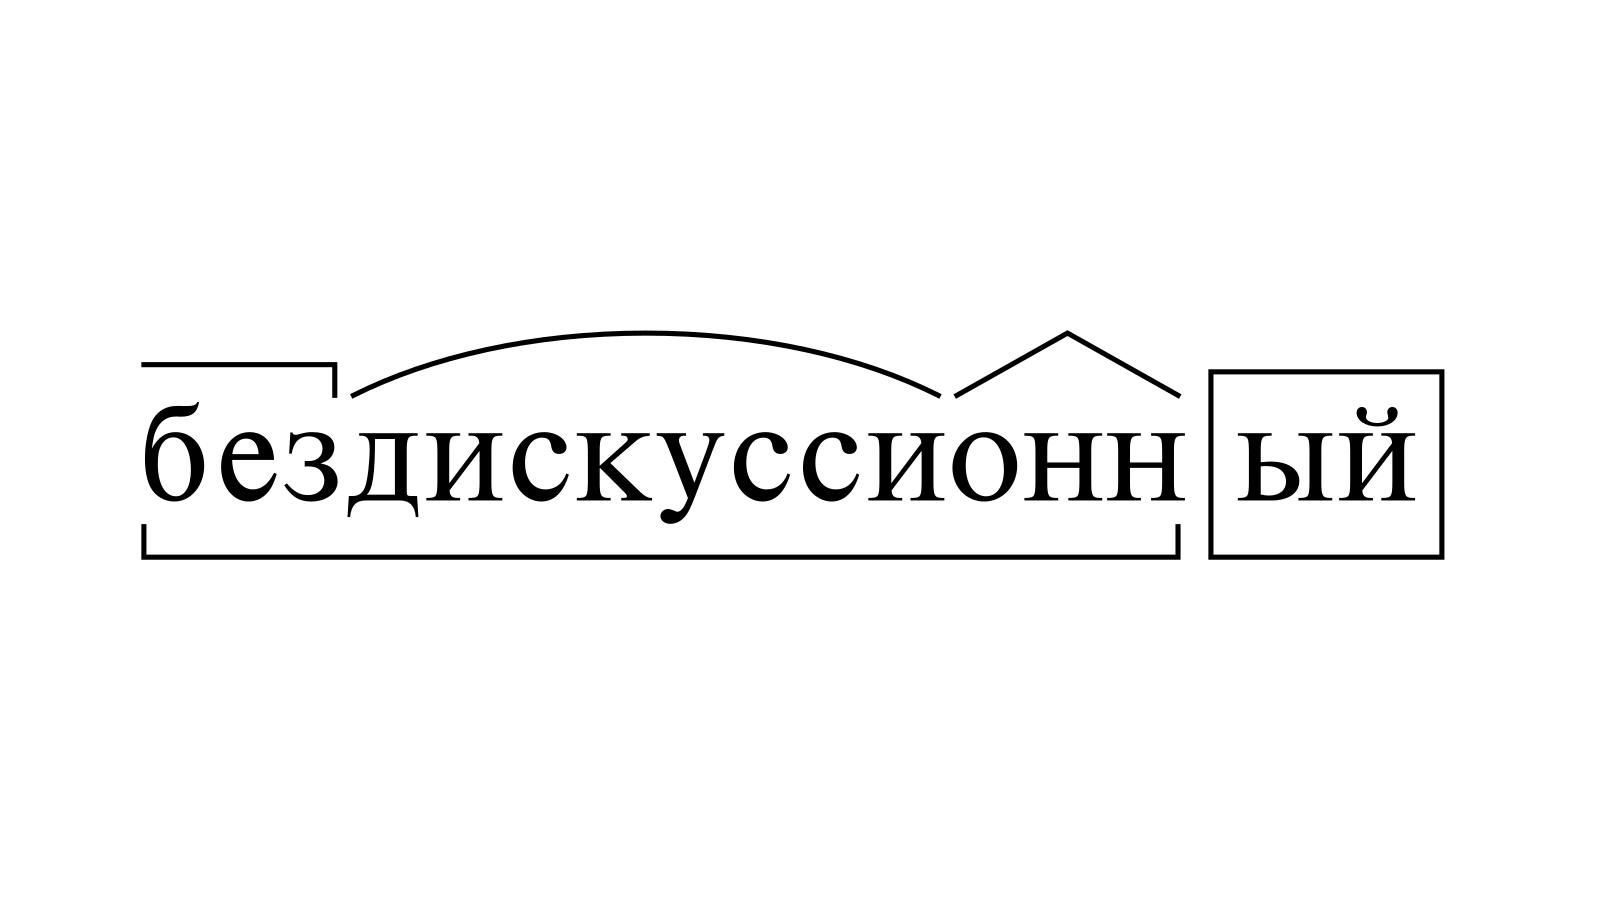 Разбор слова «бездискуссионный» по составу